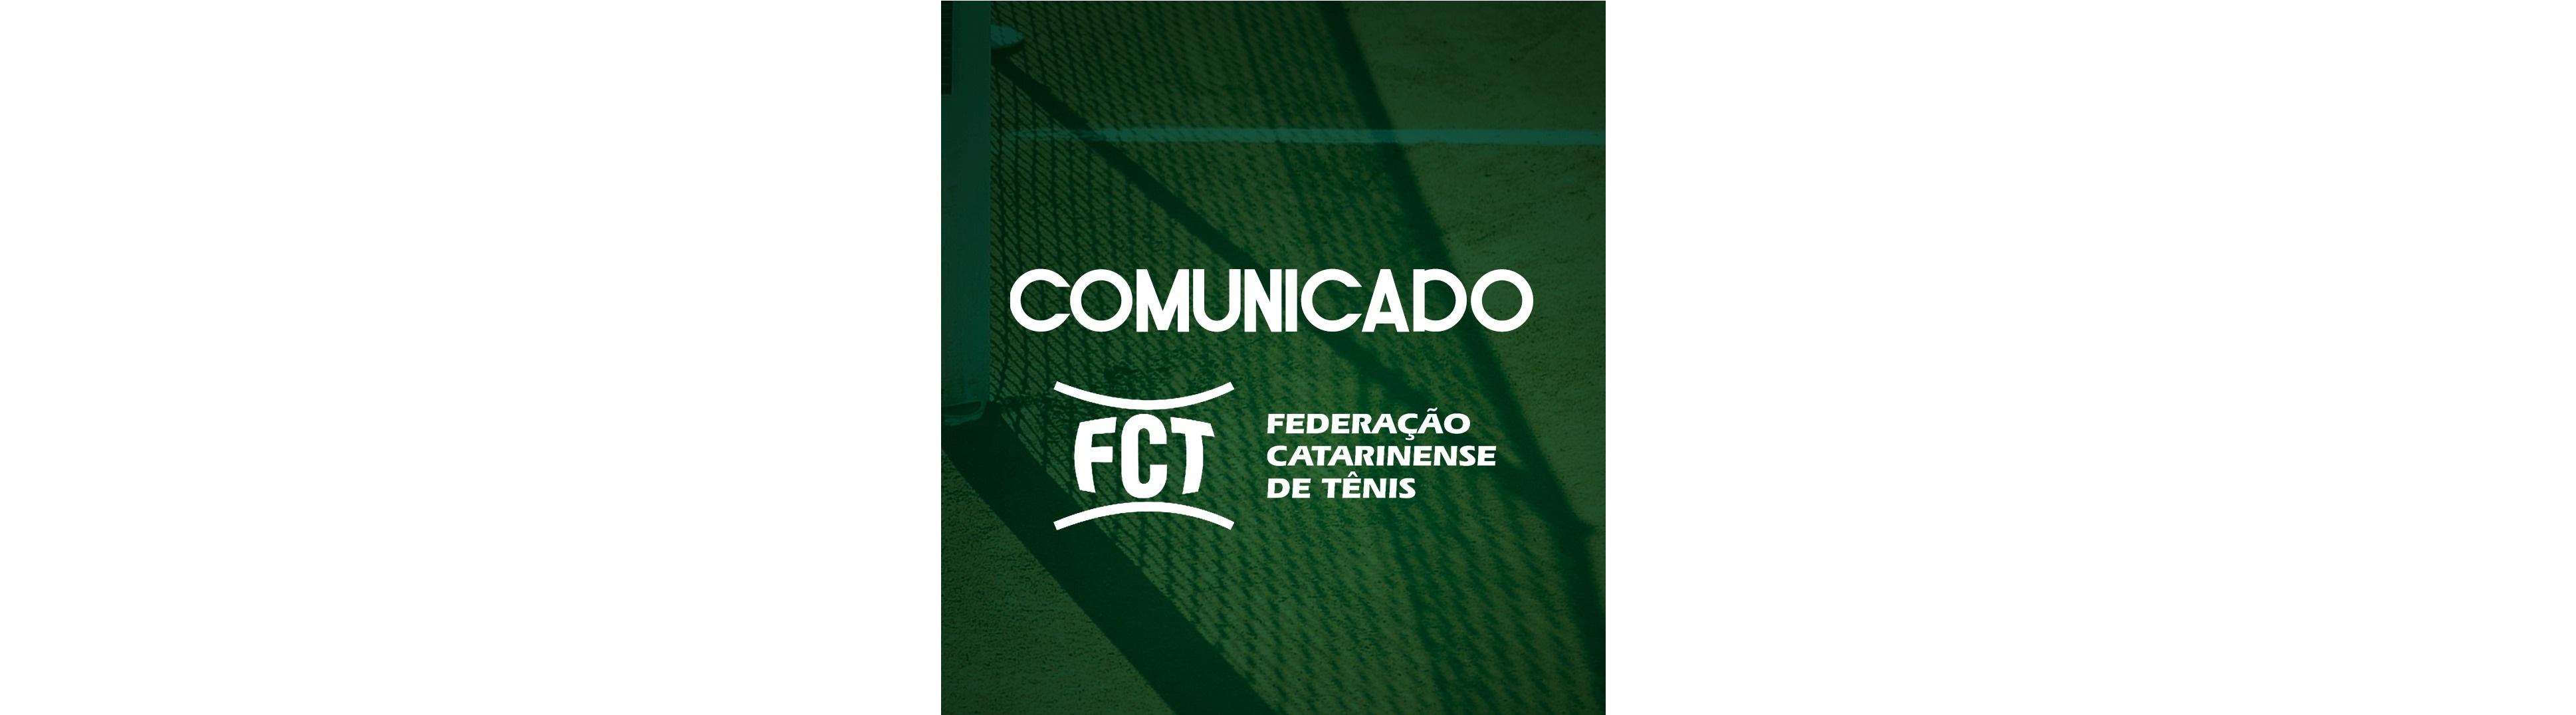 COMUNICADO FCT